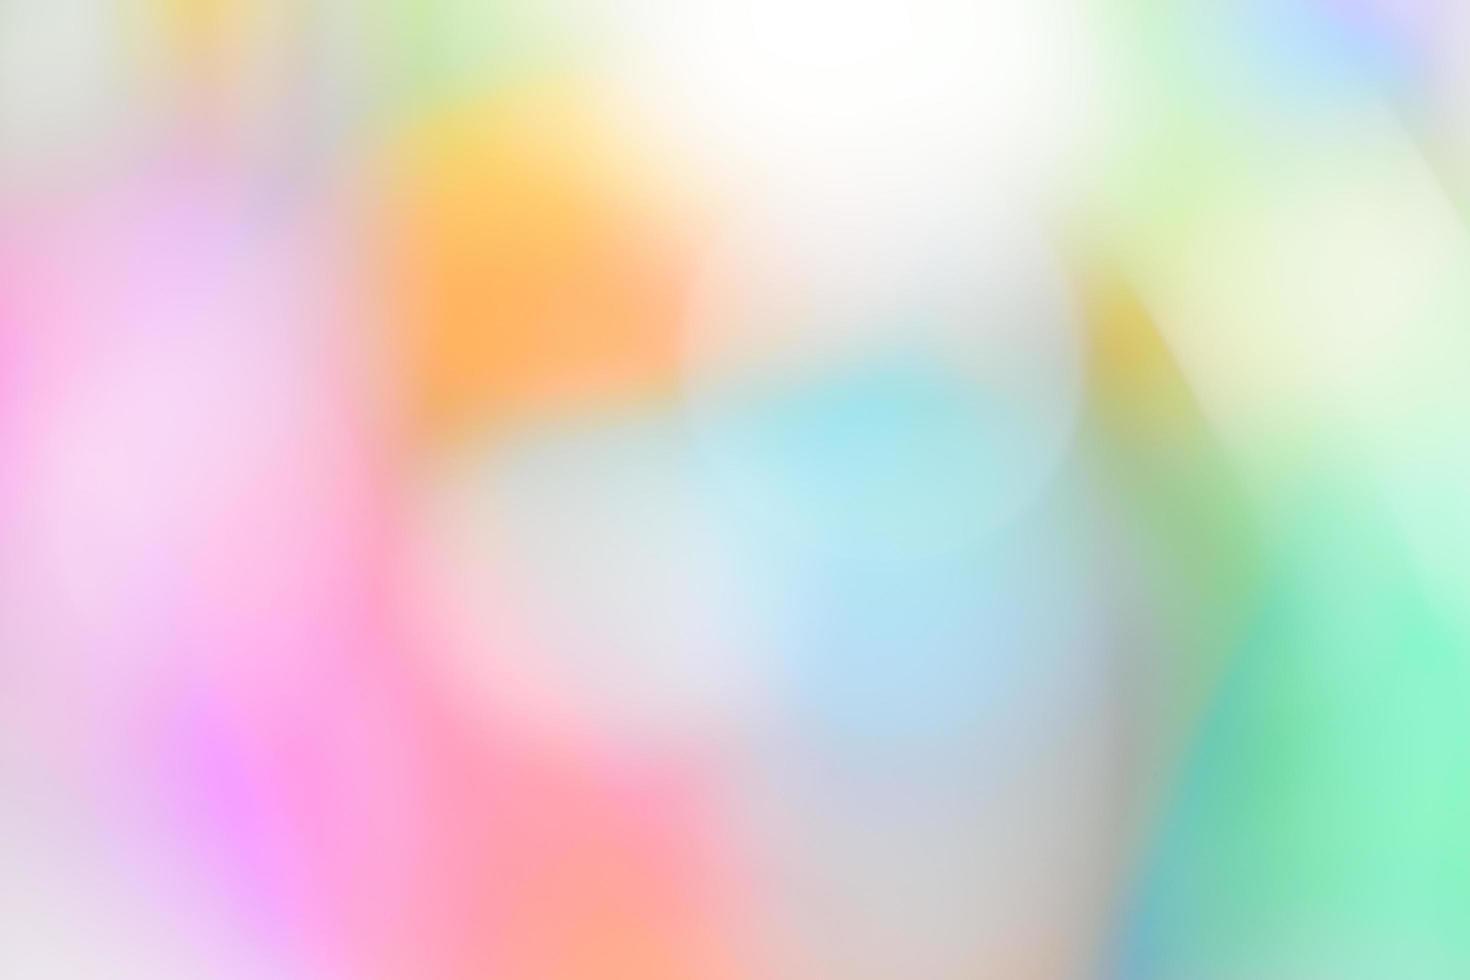 colorato sfondo sfocato foto